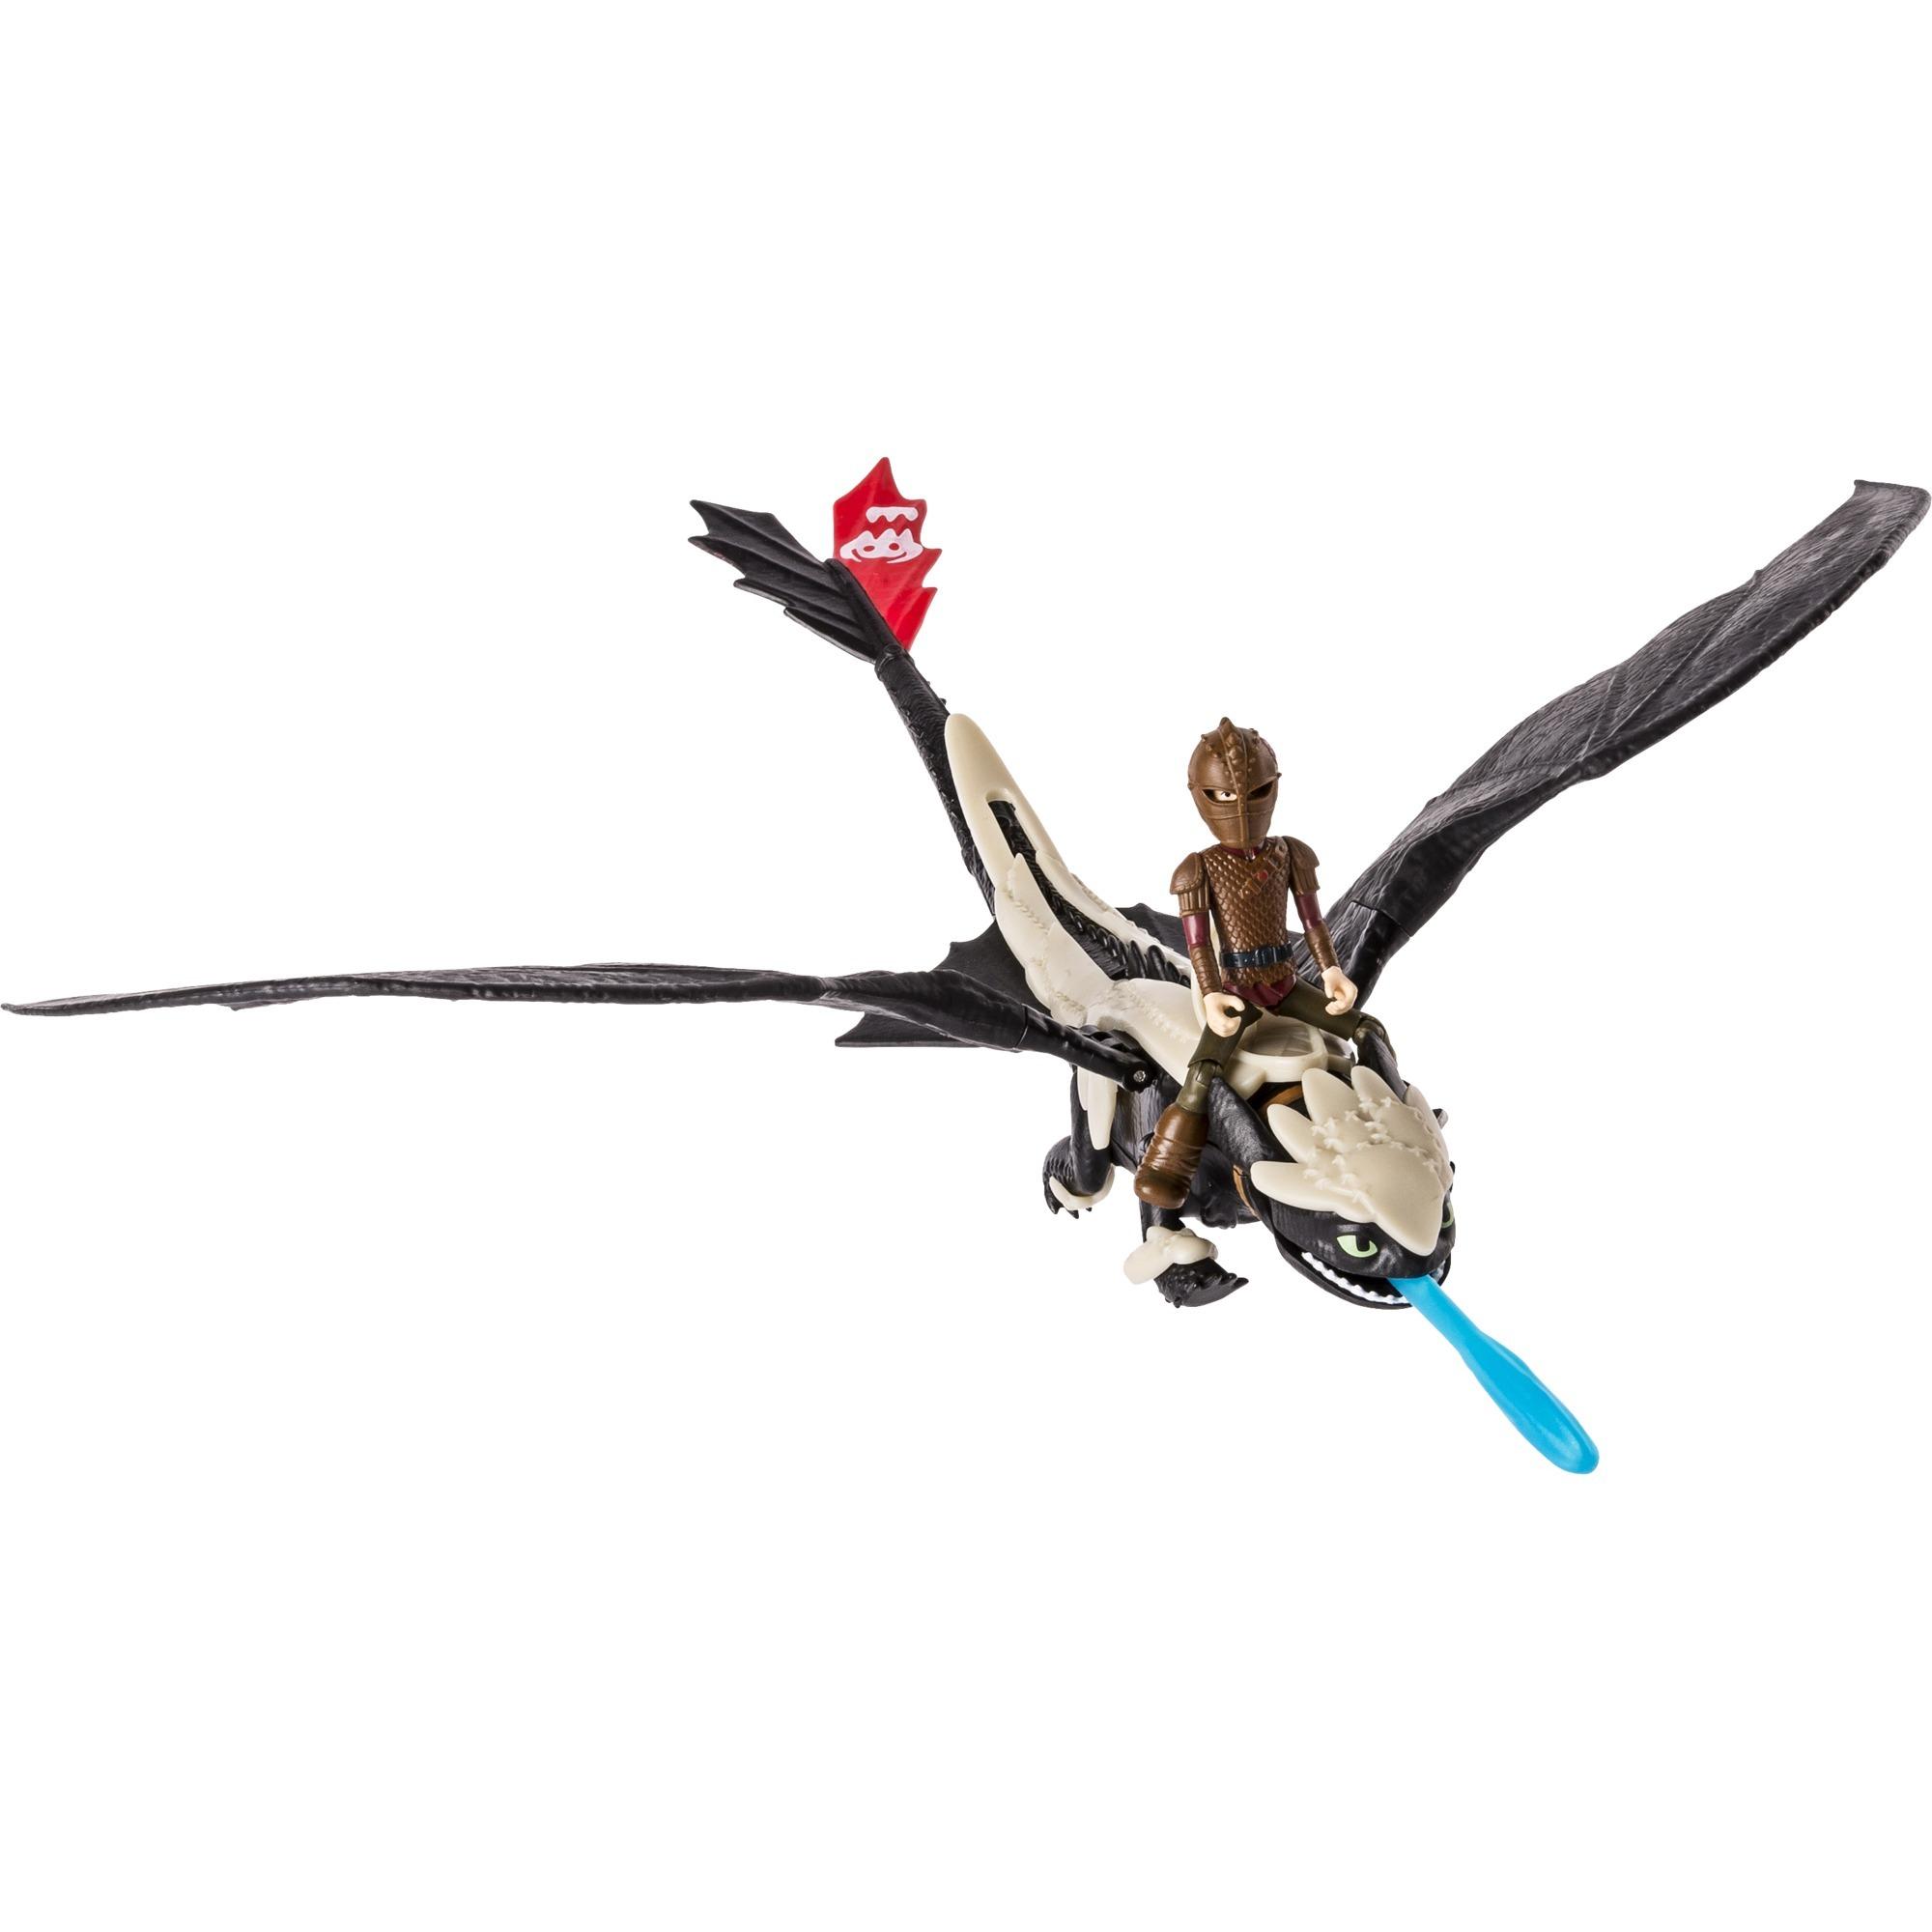 6035115-spil-figur